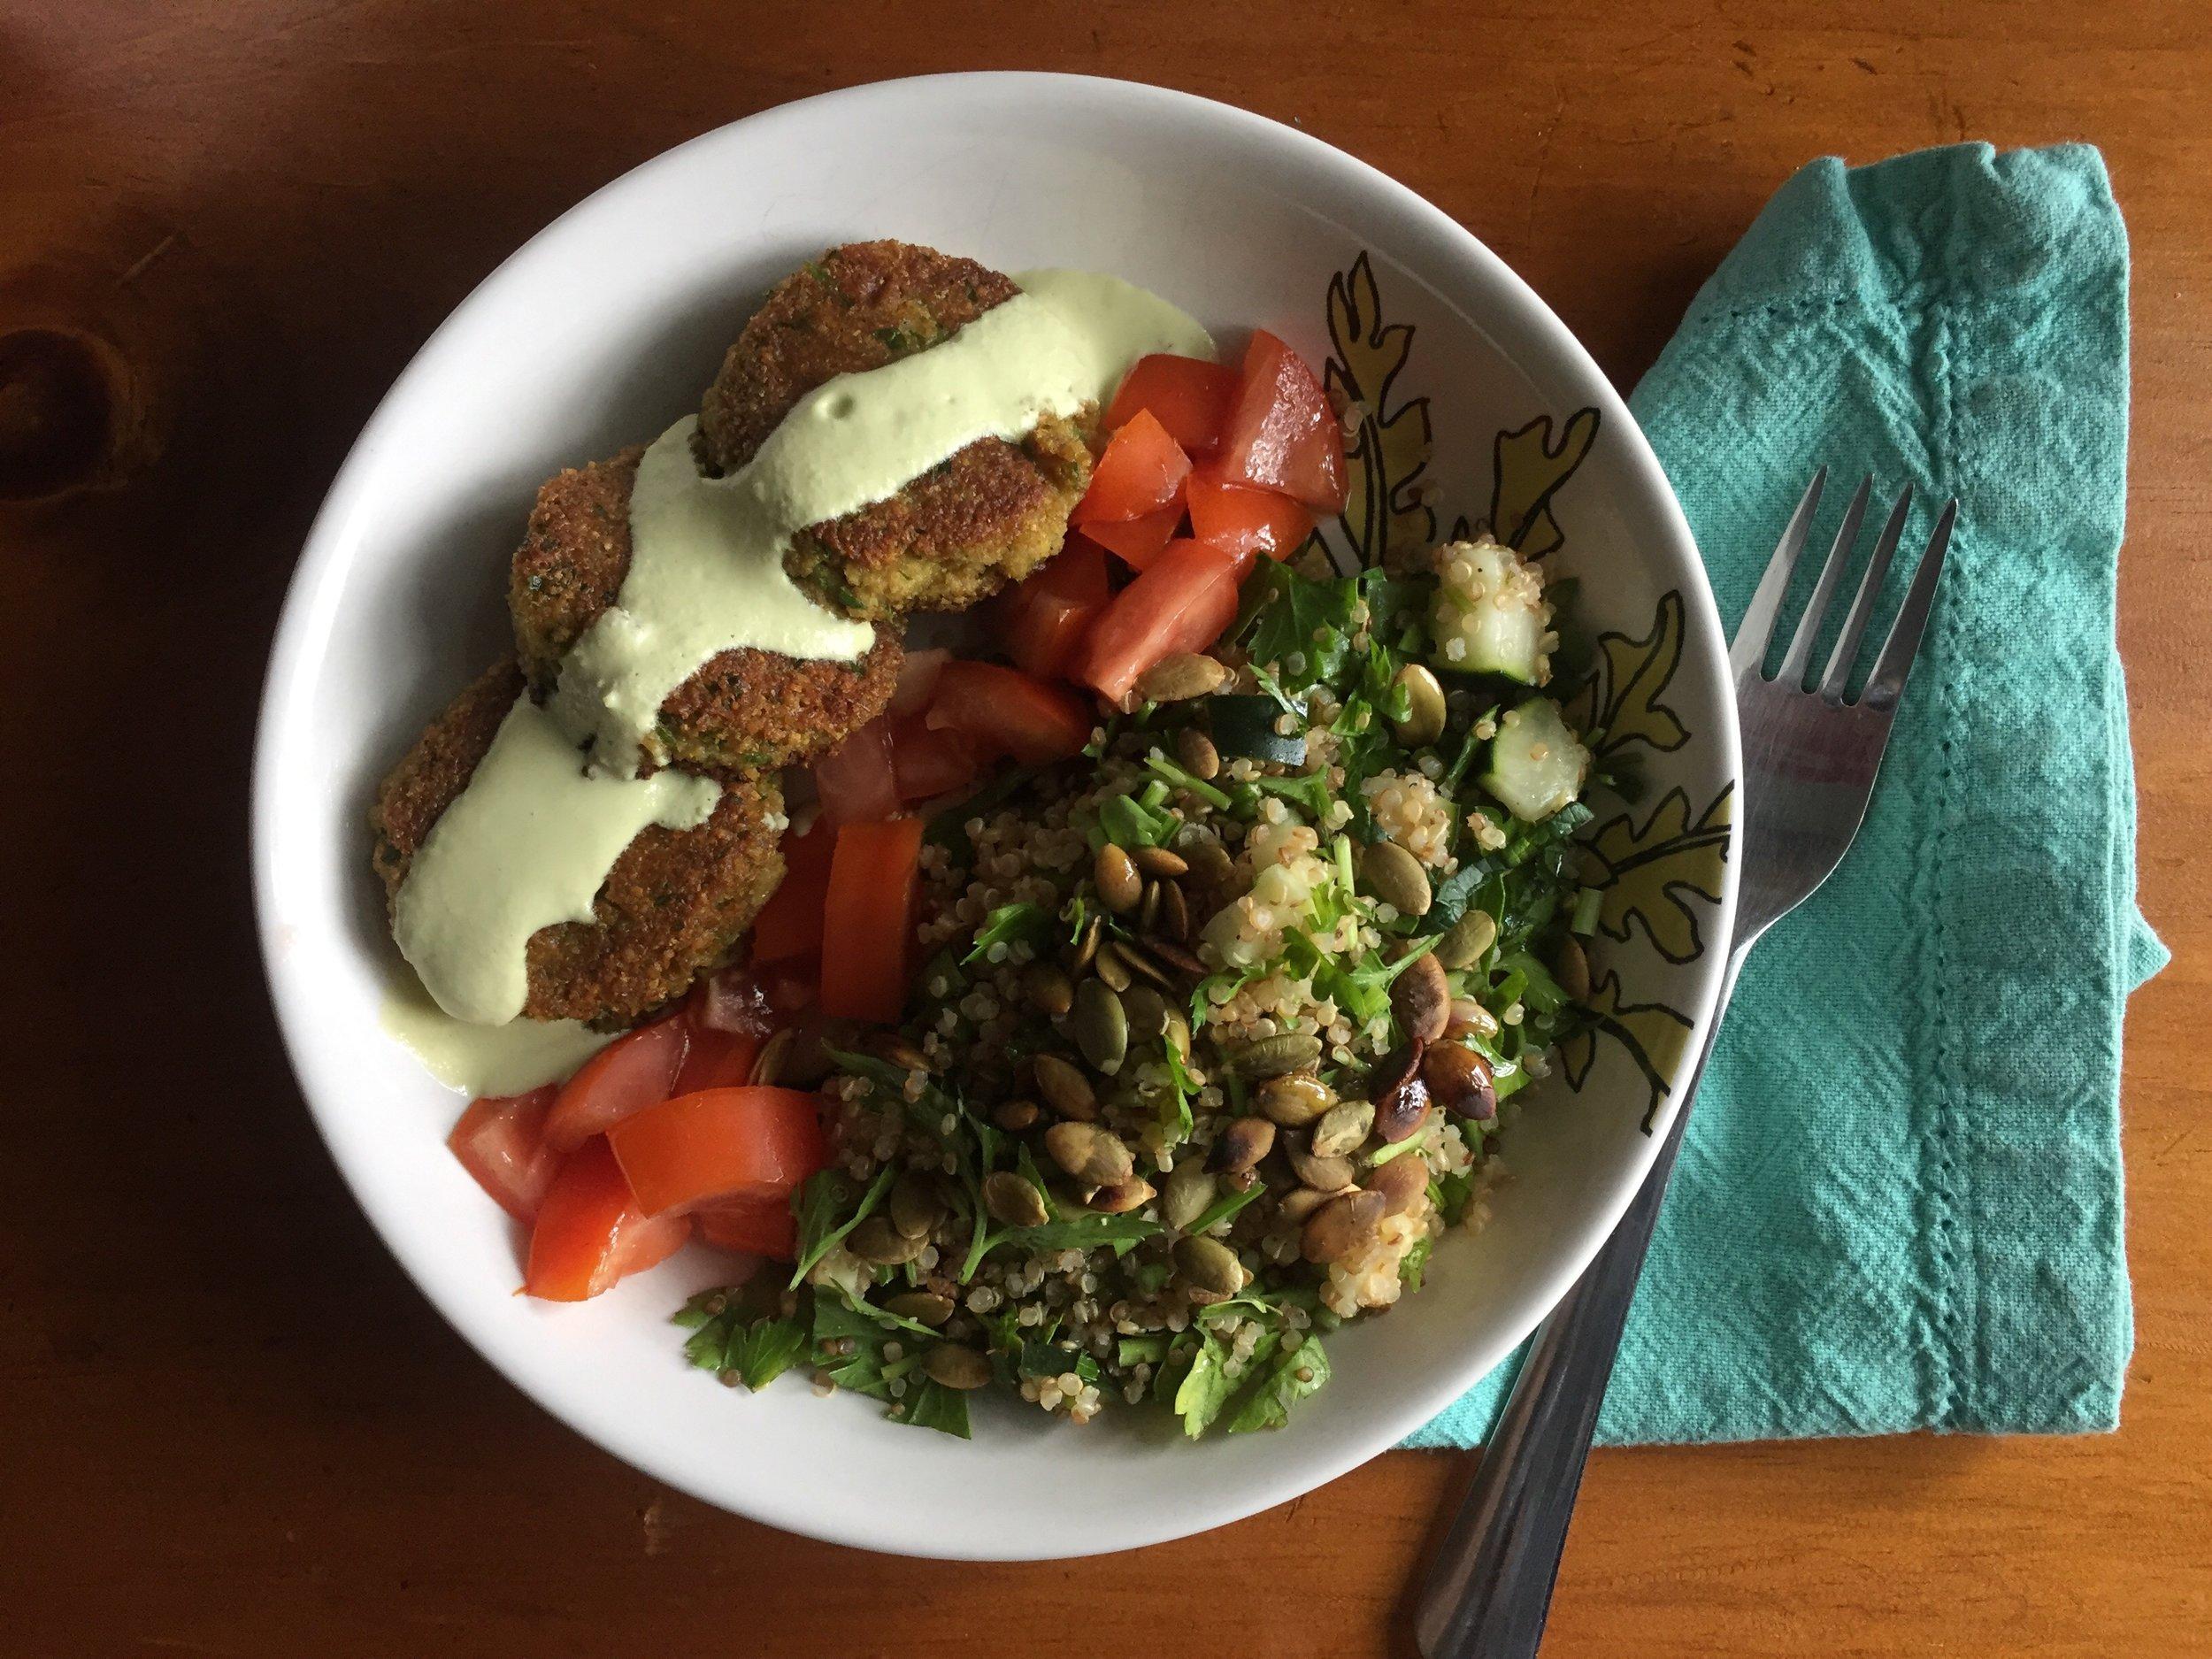 falafel + tabouleh